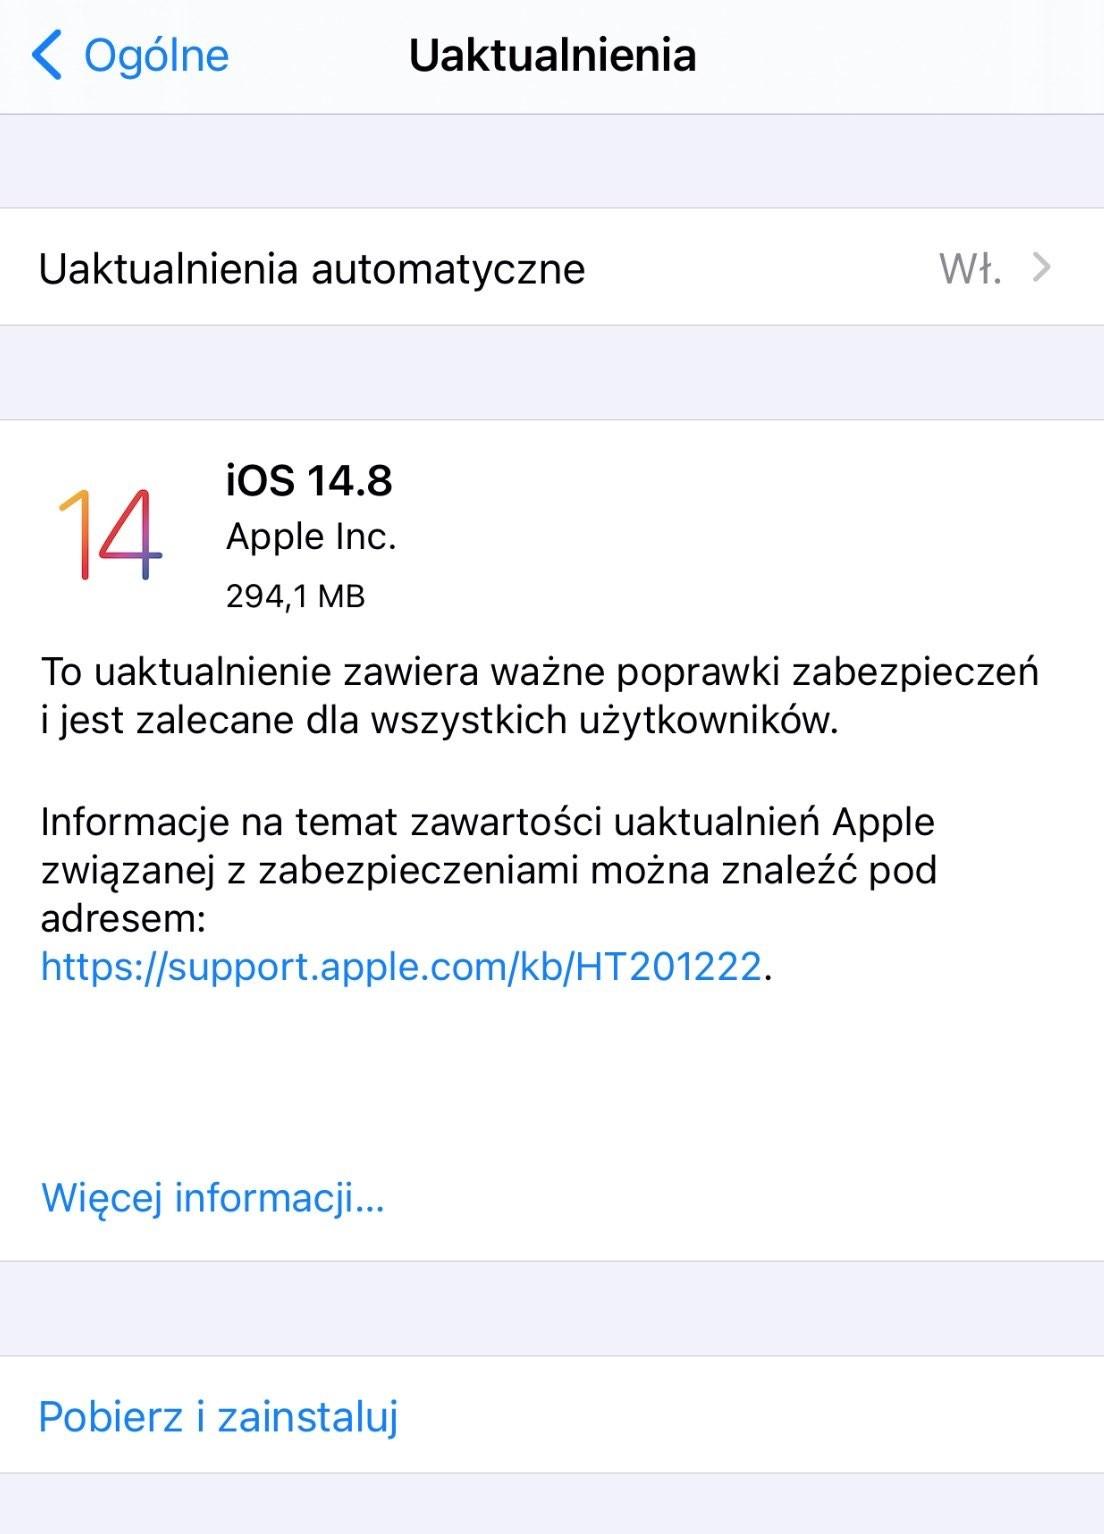 Apple wypuszcza iOS 14.8 i iPadOS 14.8 - lista zmian ciekawostki Update, OTA, lista zmian, iPhone, iPadOS 14.8, iOS 14.8, Apple, Aktualizacja  Dość niespodziewanie, Apple udostępniło w tym momencie wszystkim użytkownikom nowe systemy - iOS 14.8 oraz iPadOS 14.8. Co nowego? iOS14.8